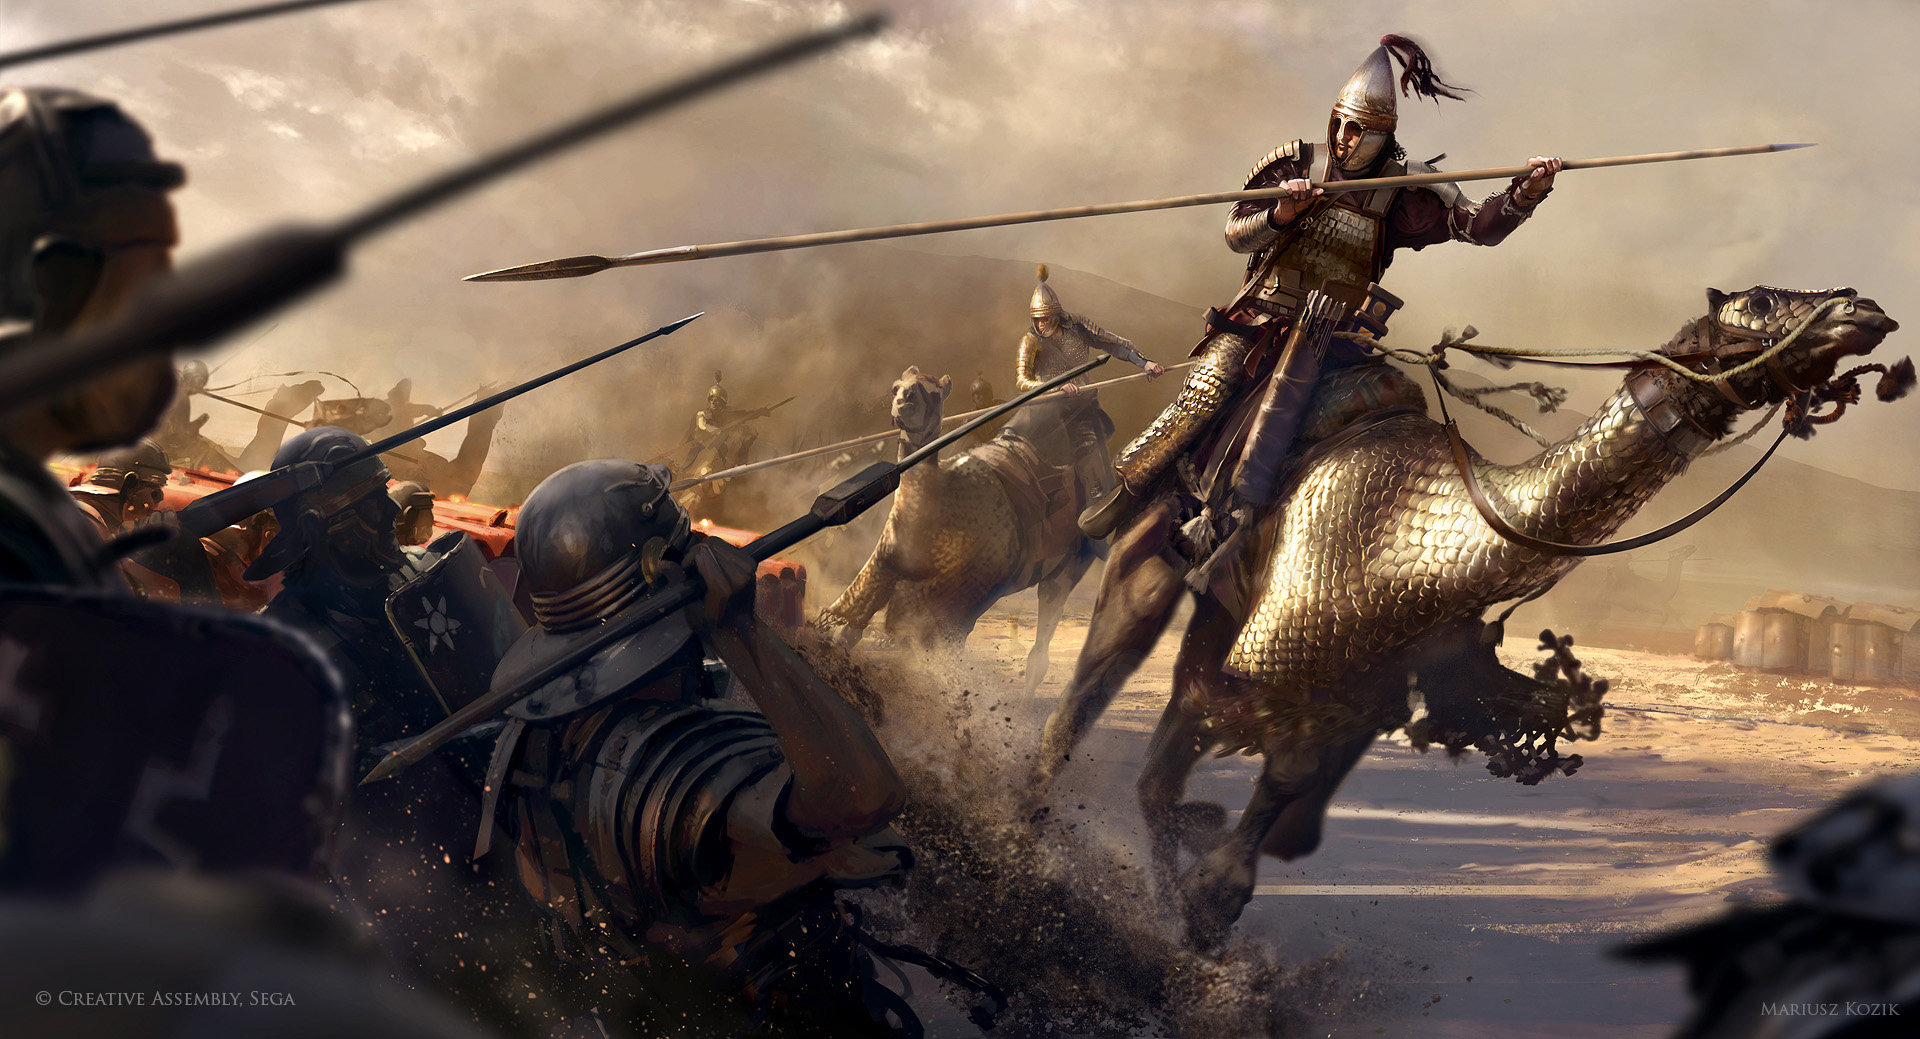 Diario semanal de desarrollo de Bannerlord 27: Caballería a Camello Mariusz-kozik-camels-cataphract